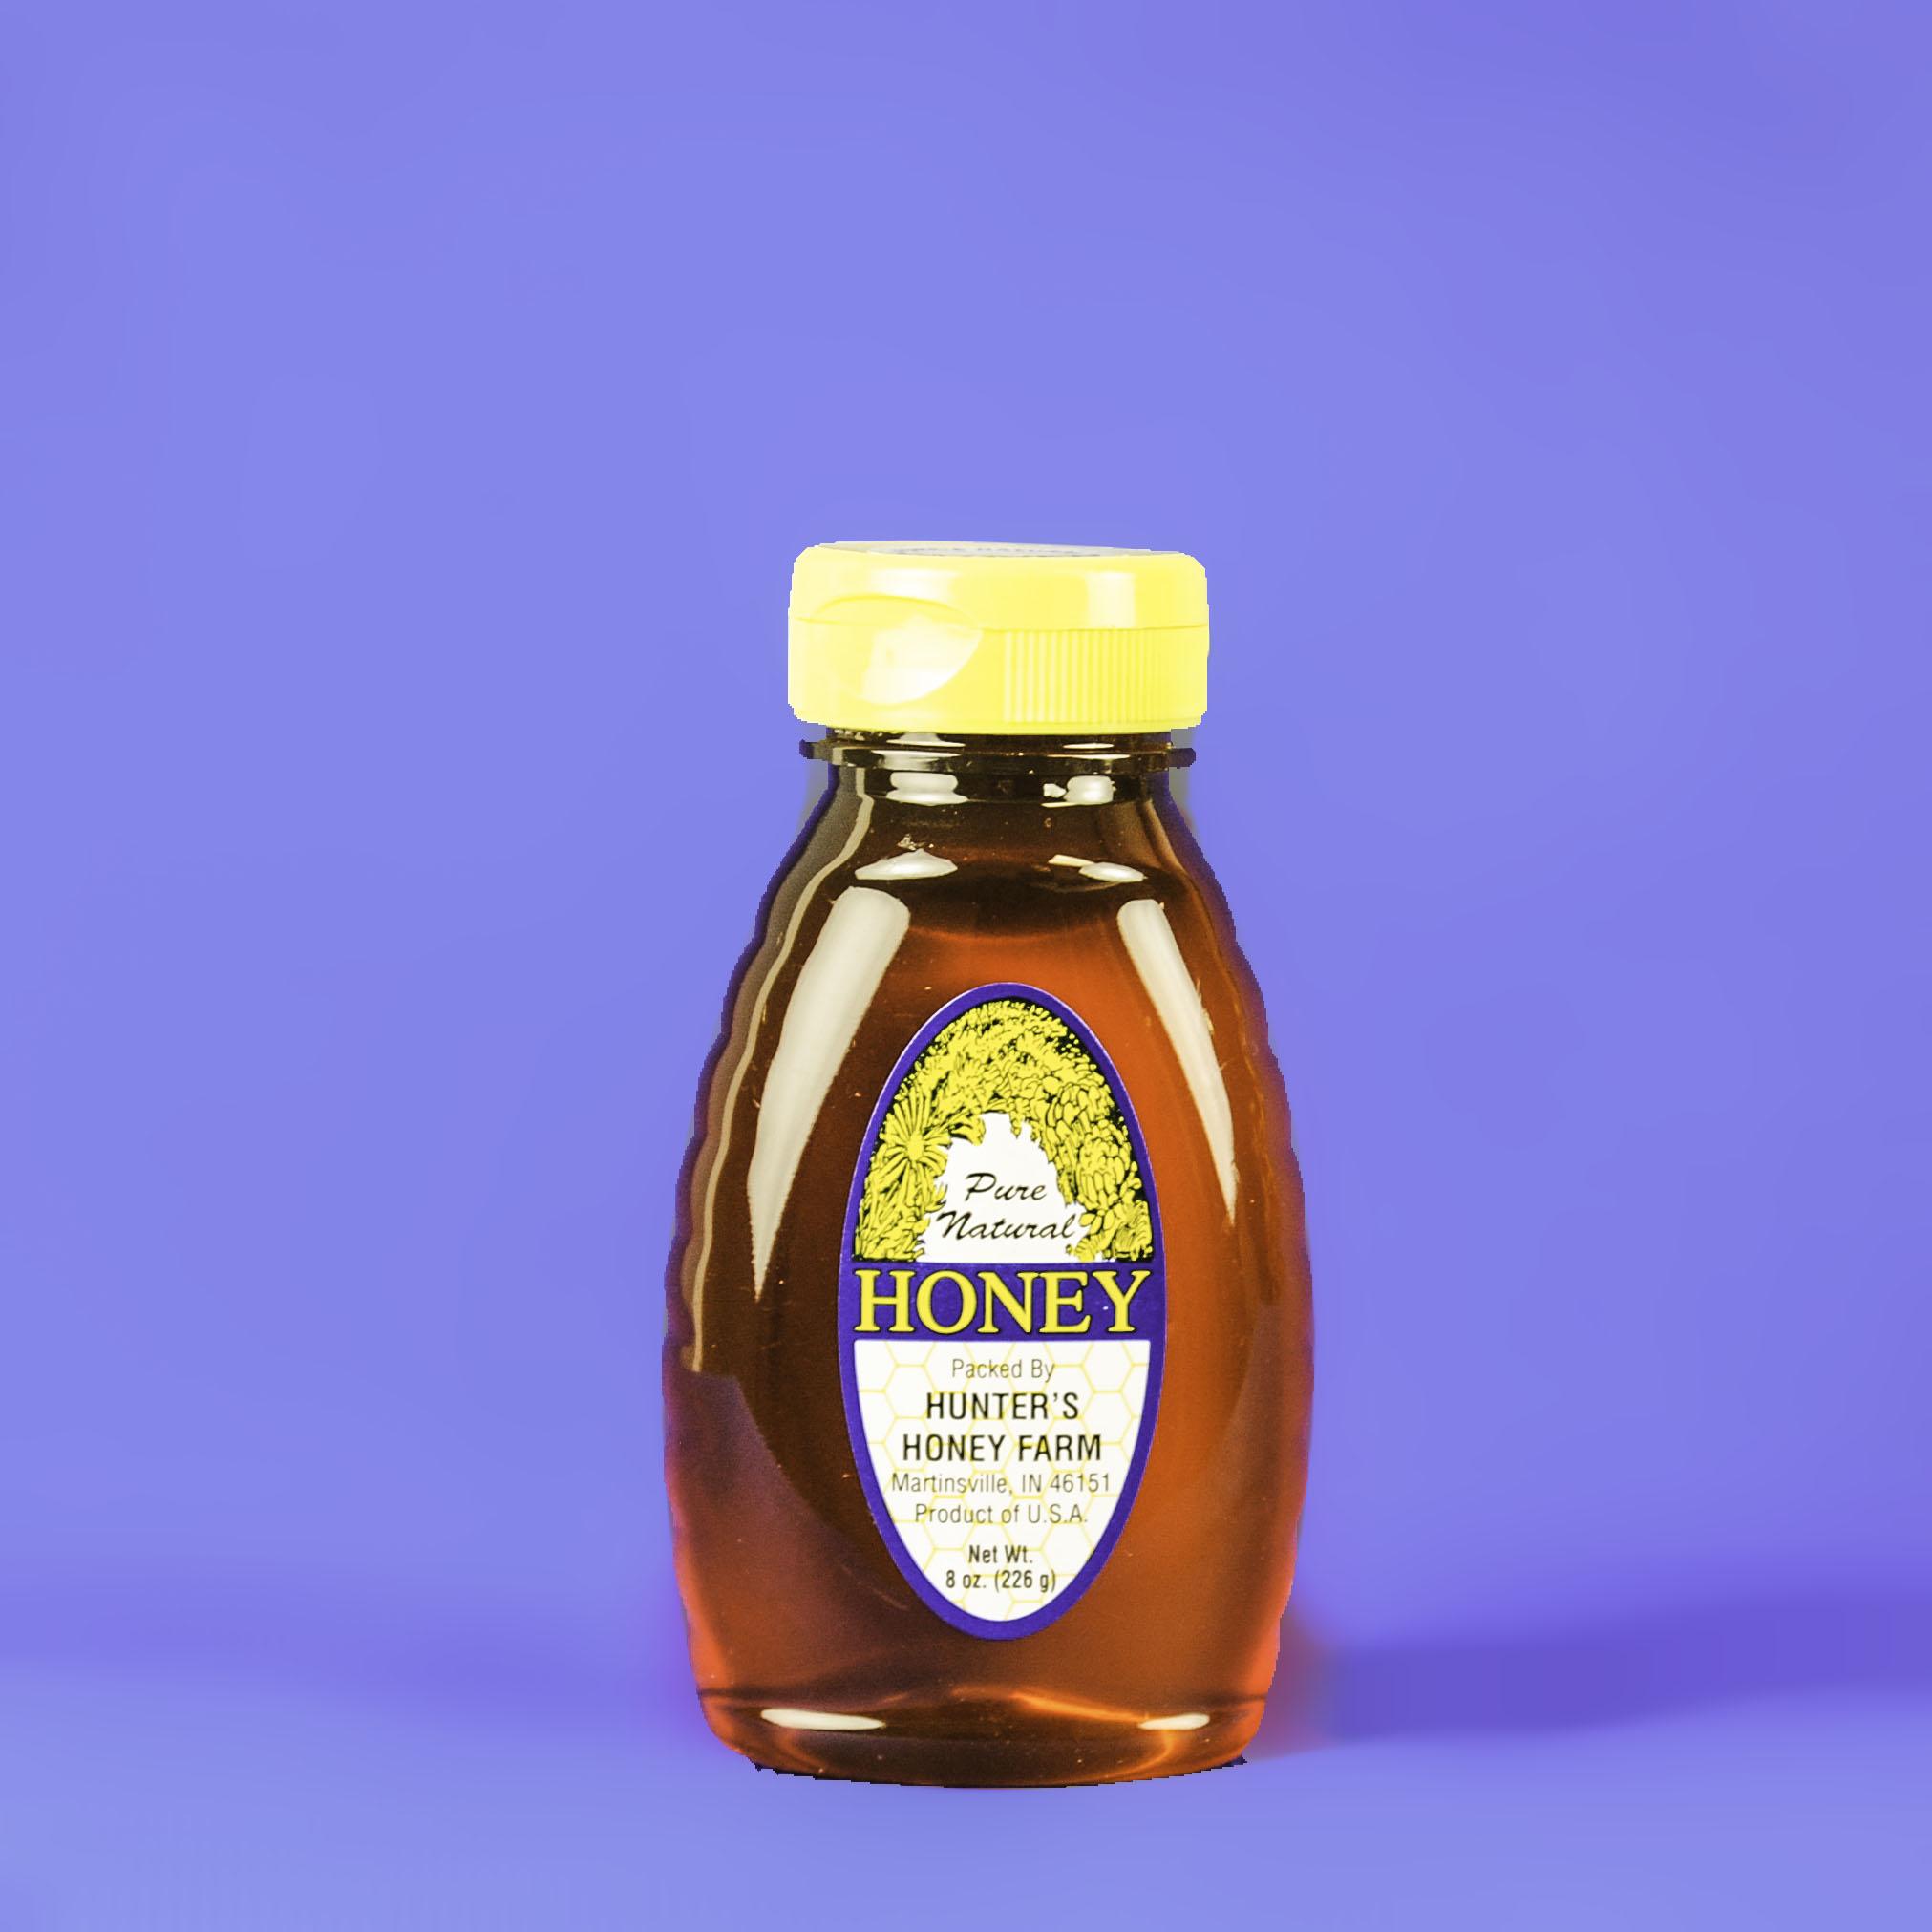 Clover Honey 8 oz bottle